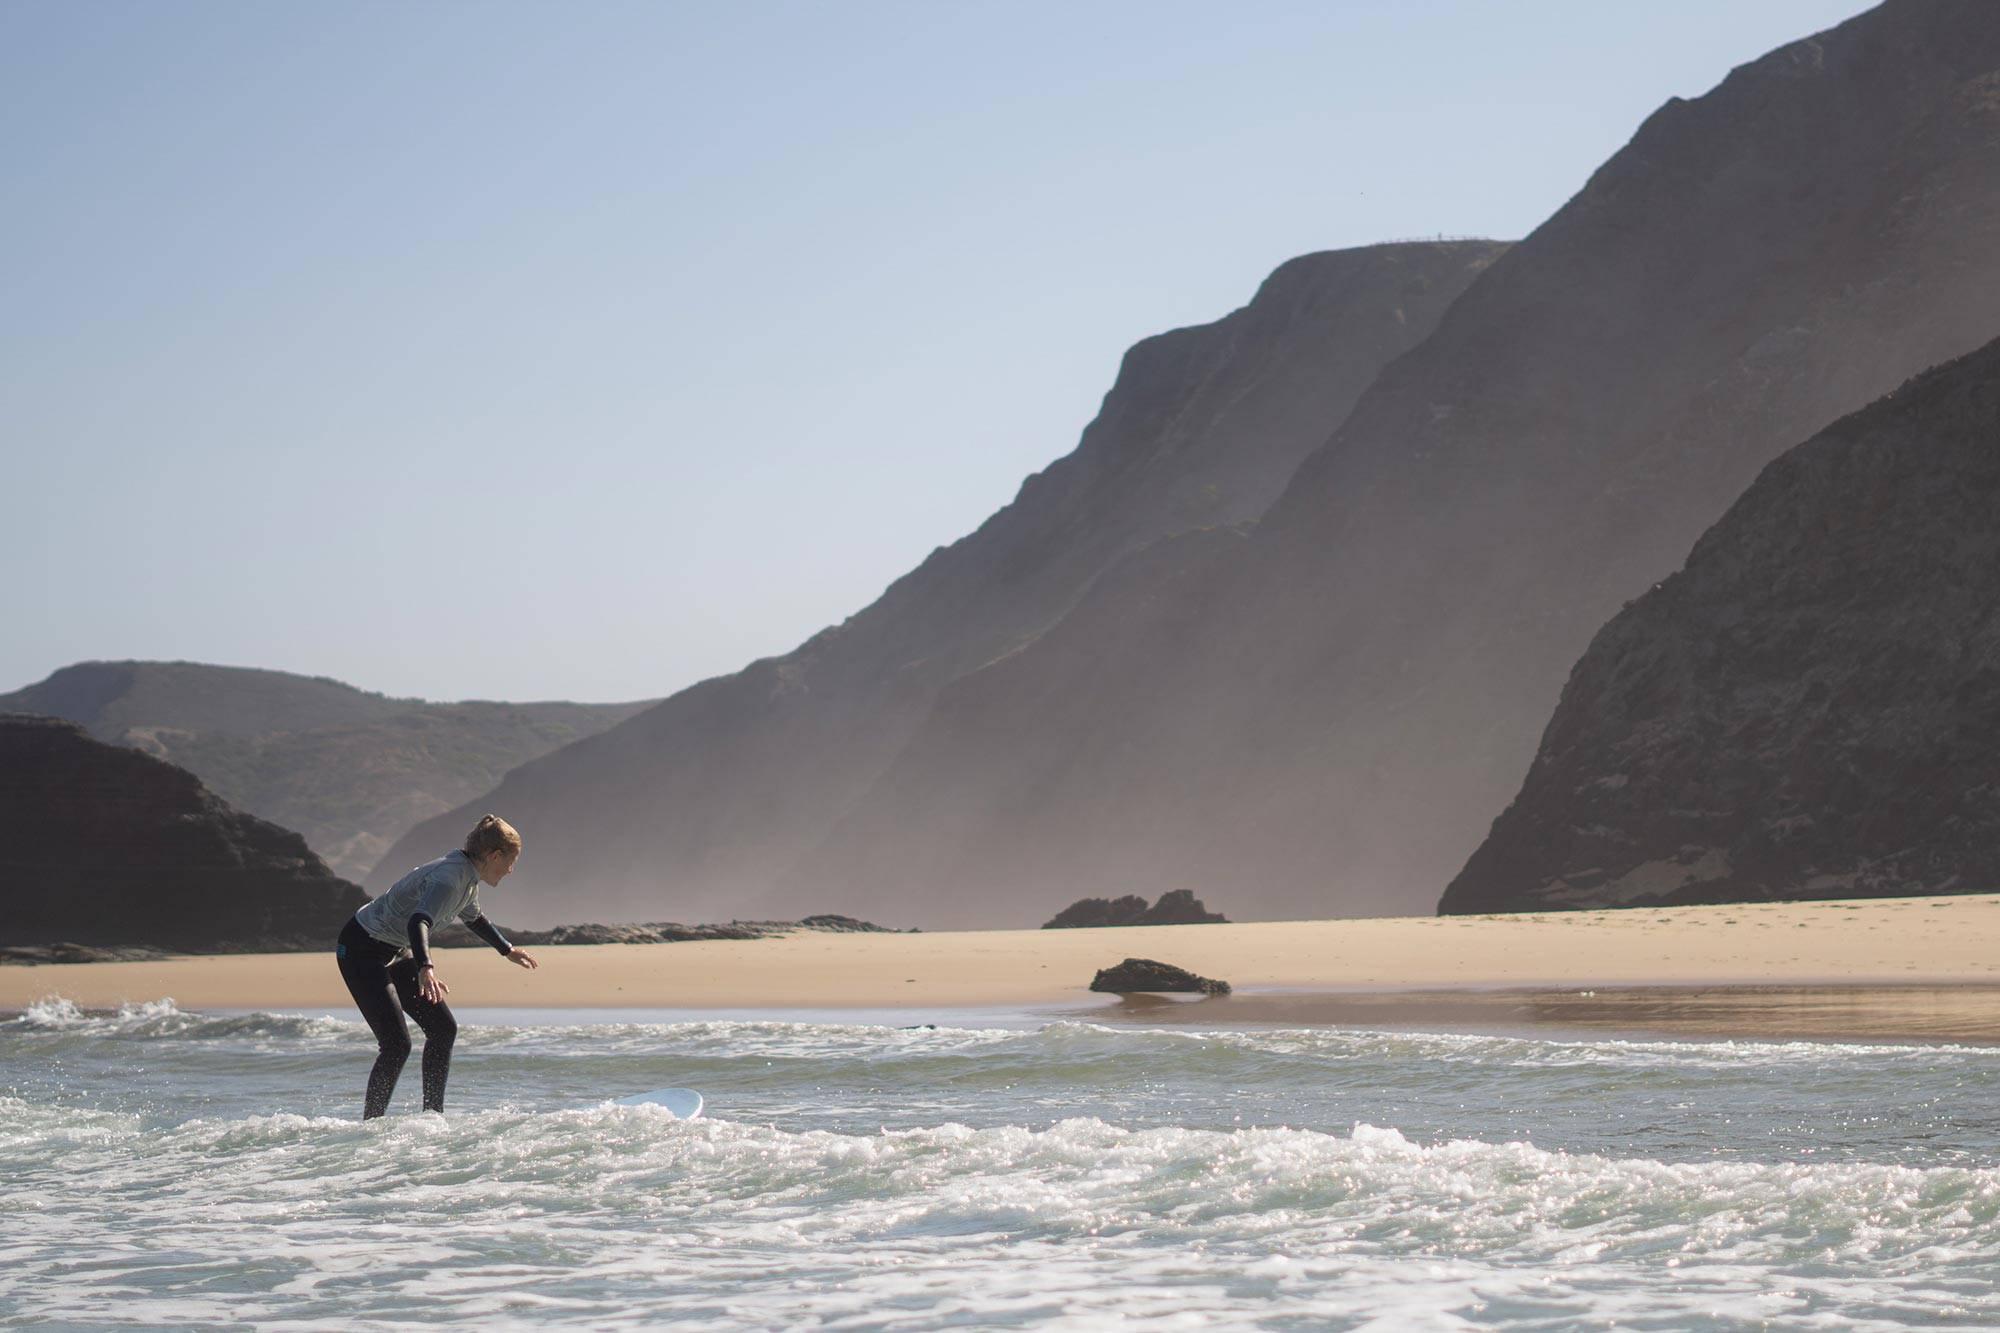 https://www.soulandsurf.com/wp-content/uploads/2021/07/@joeliooo__Surf_Guests_50.jpg Image